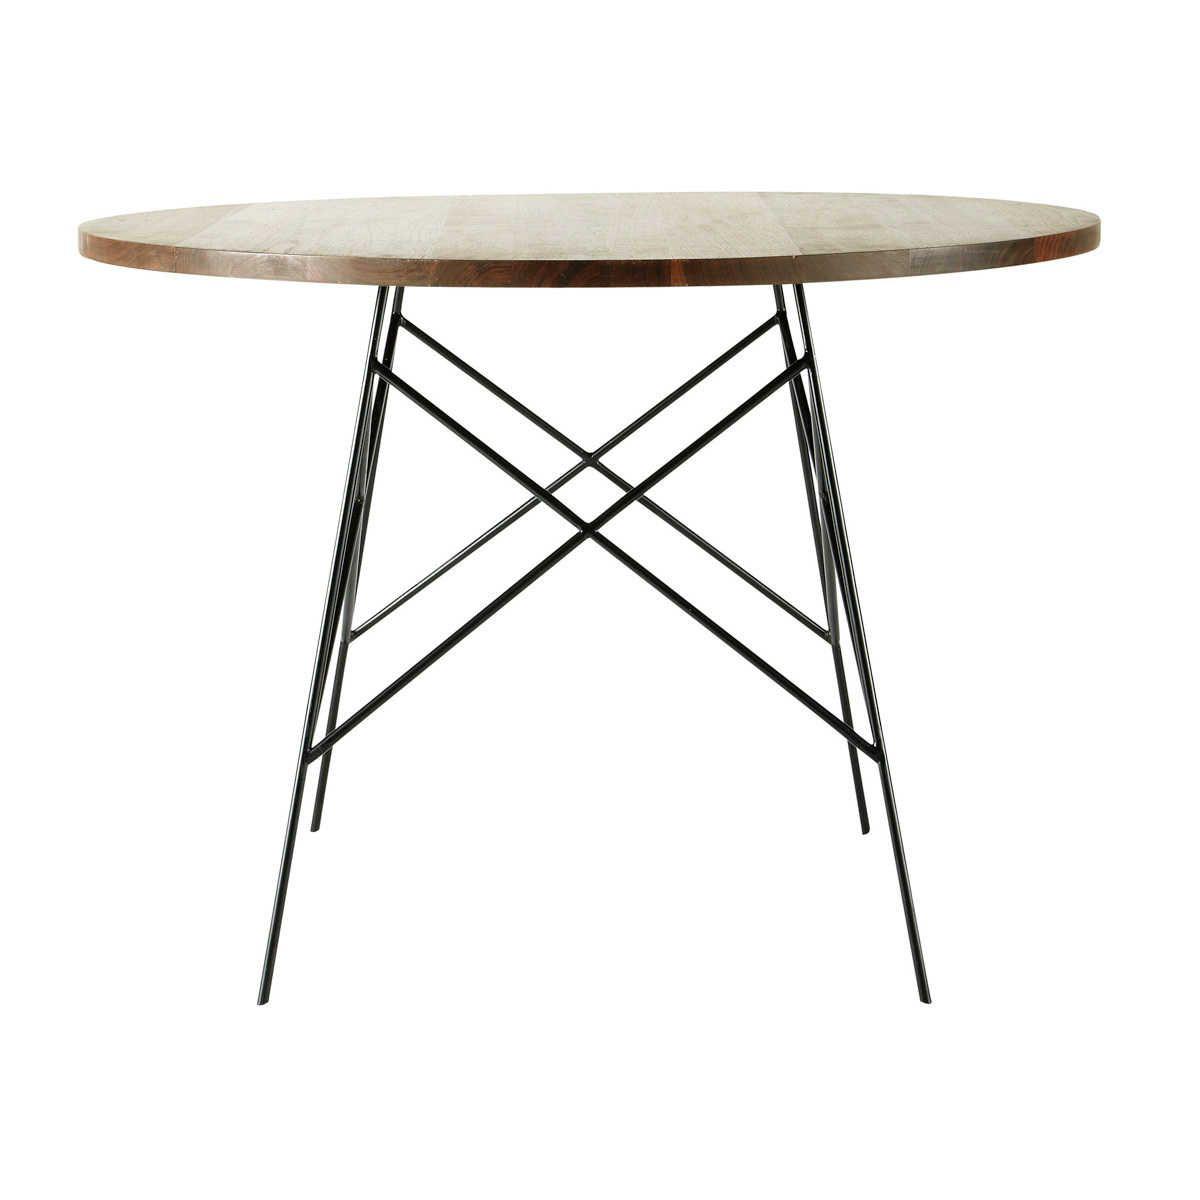 Tisch Rund Top Tisch Rund Cm With Tisch Rund Latest With Tisch